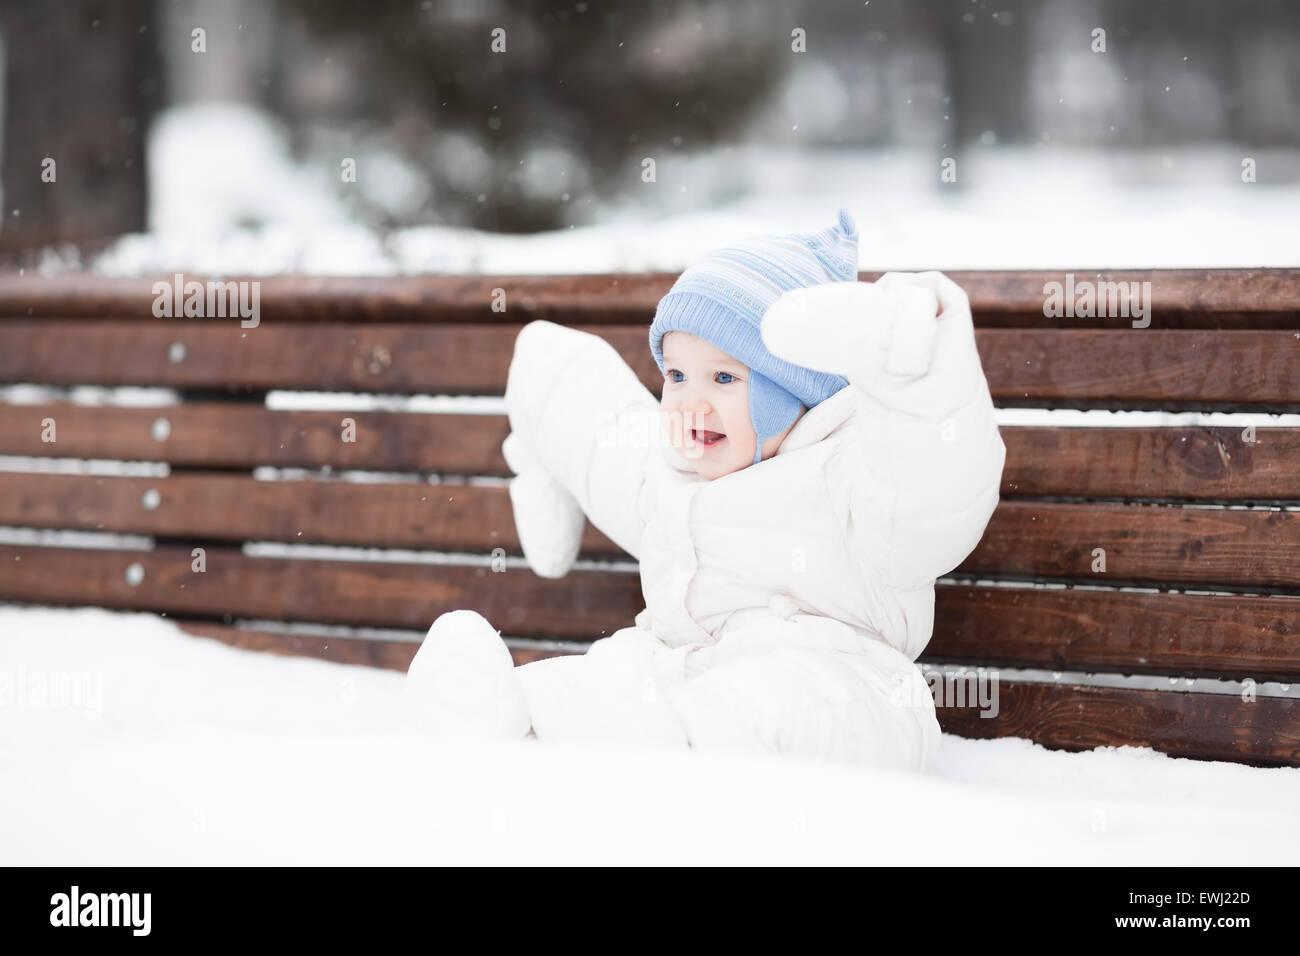 s e lustige baby sitzen auf einer bank in einem park an einem verschneiten wintertag stockfoto. Black Bedroom Furniture Sets. Home Design Ideas